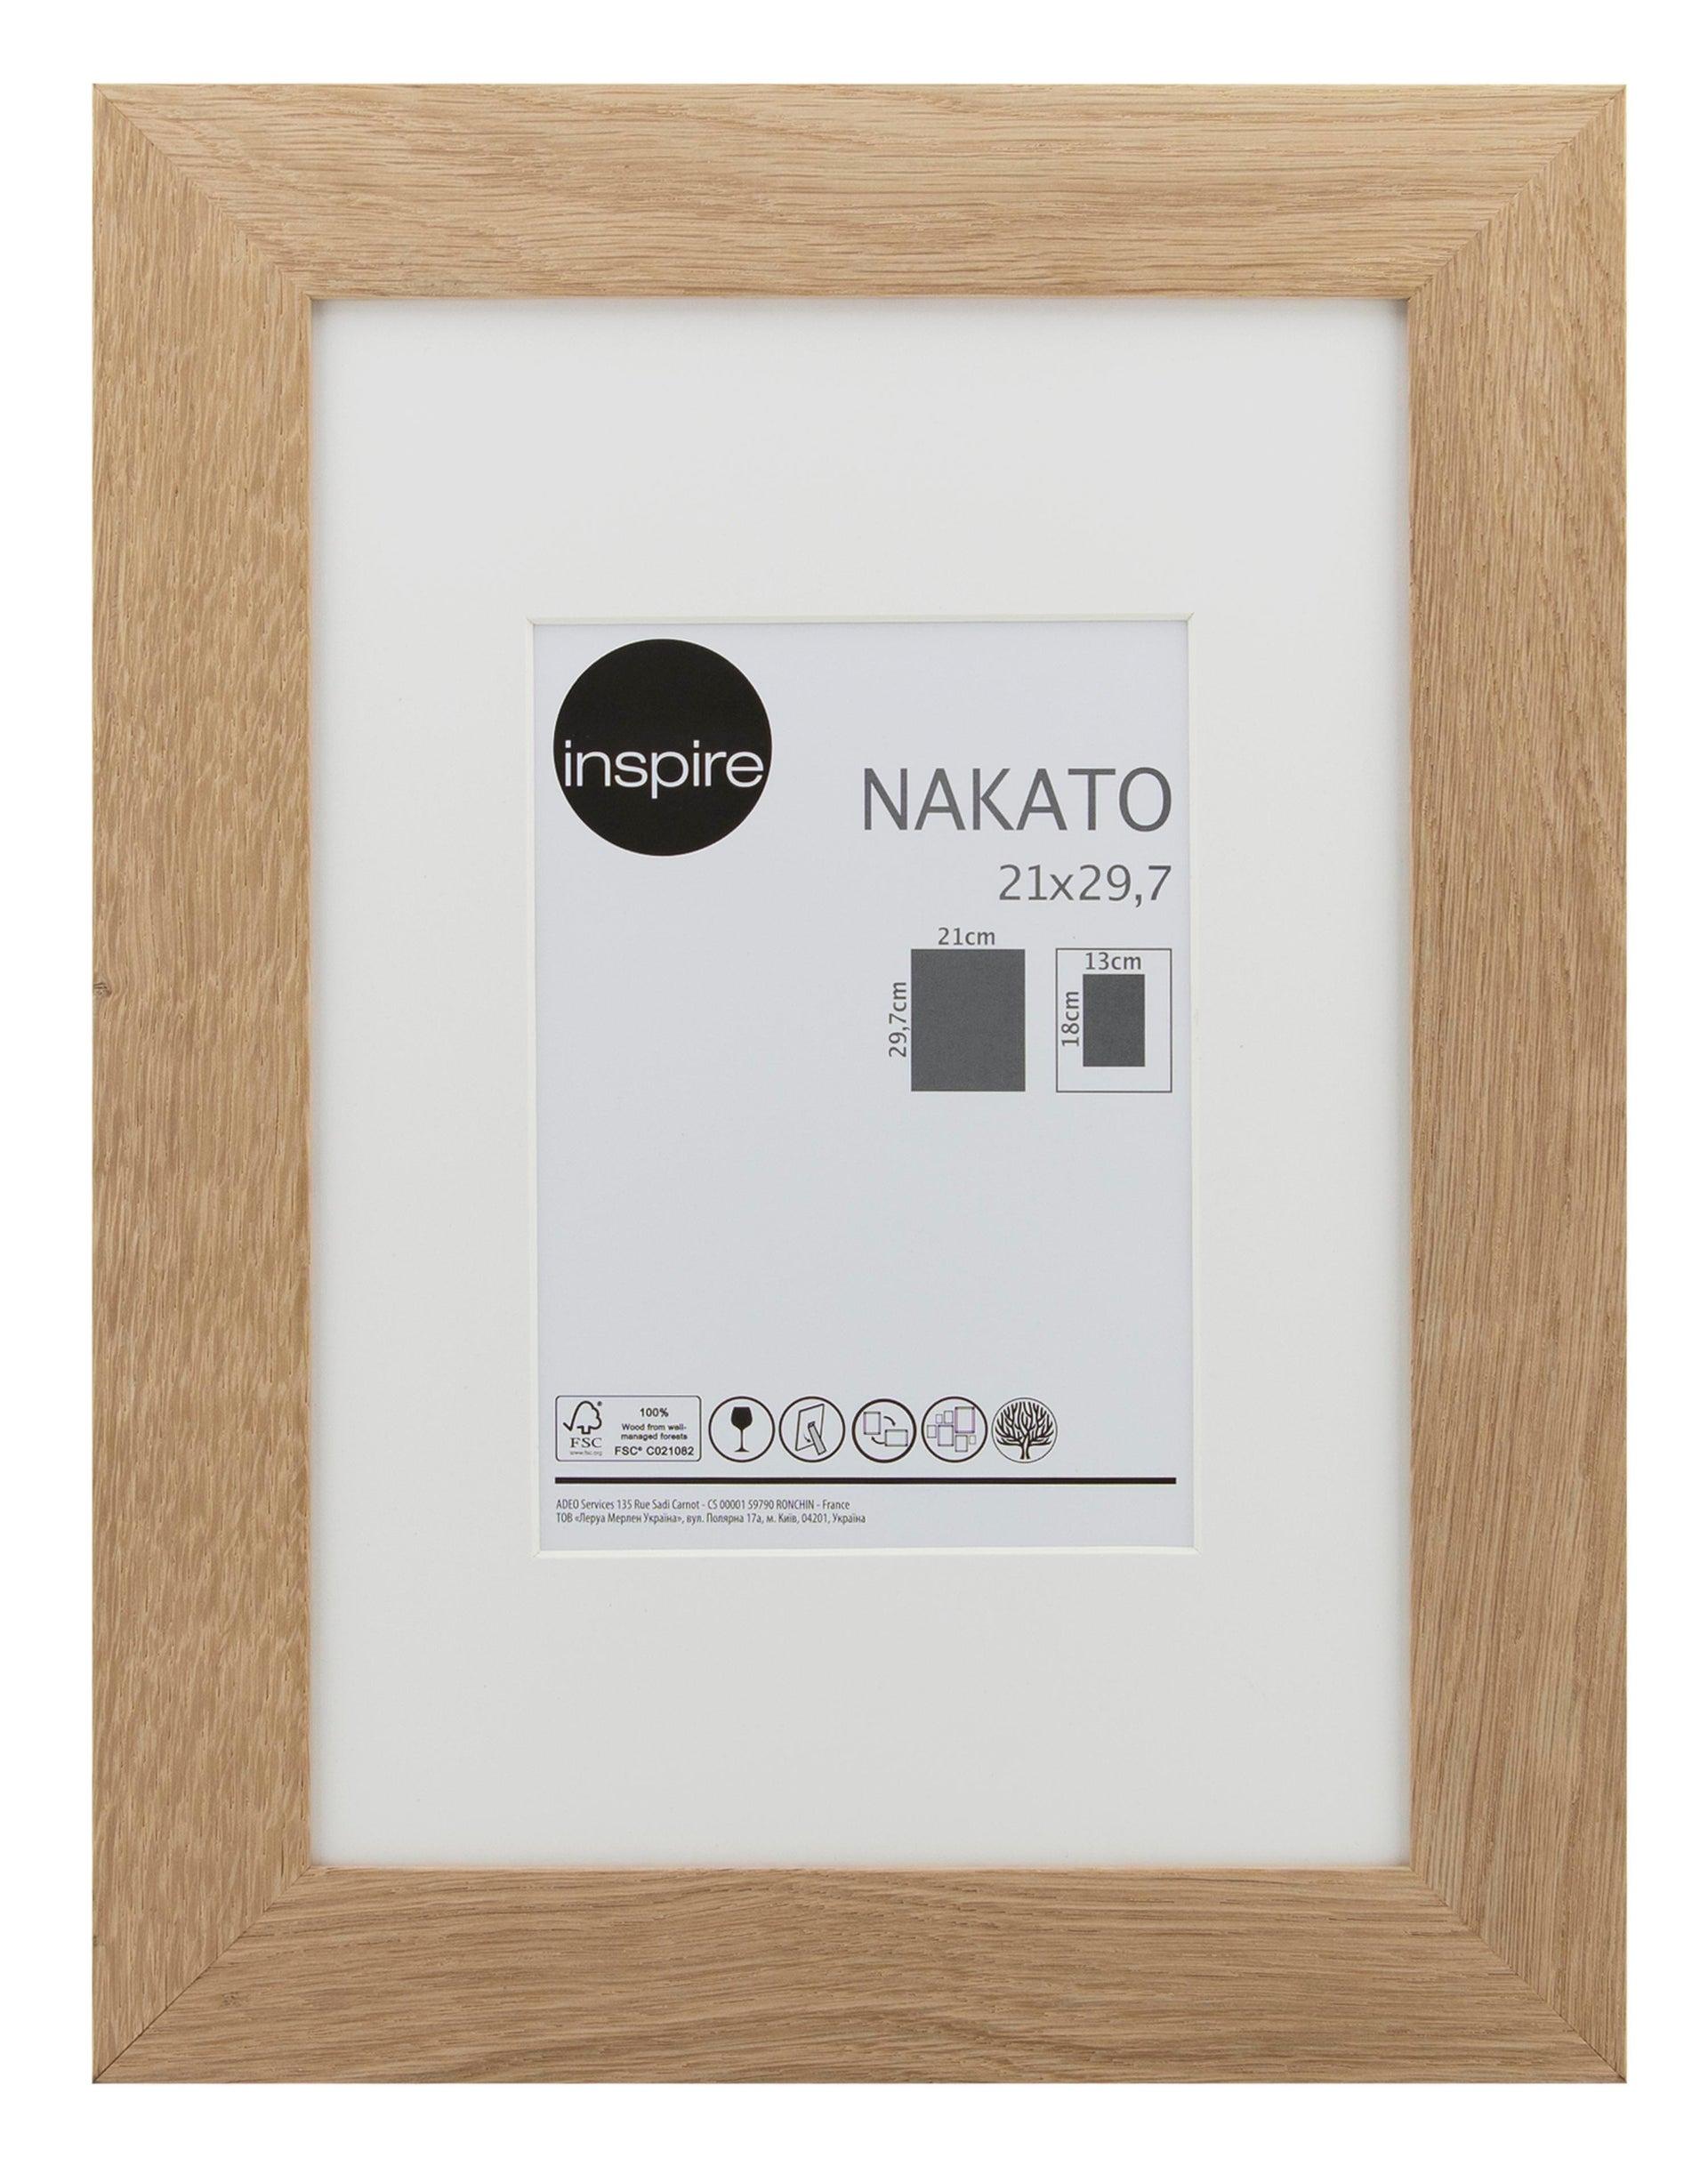 Cornice con passe-partout Inspire nakato rovere 21x29.7 cm - 1